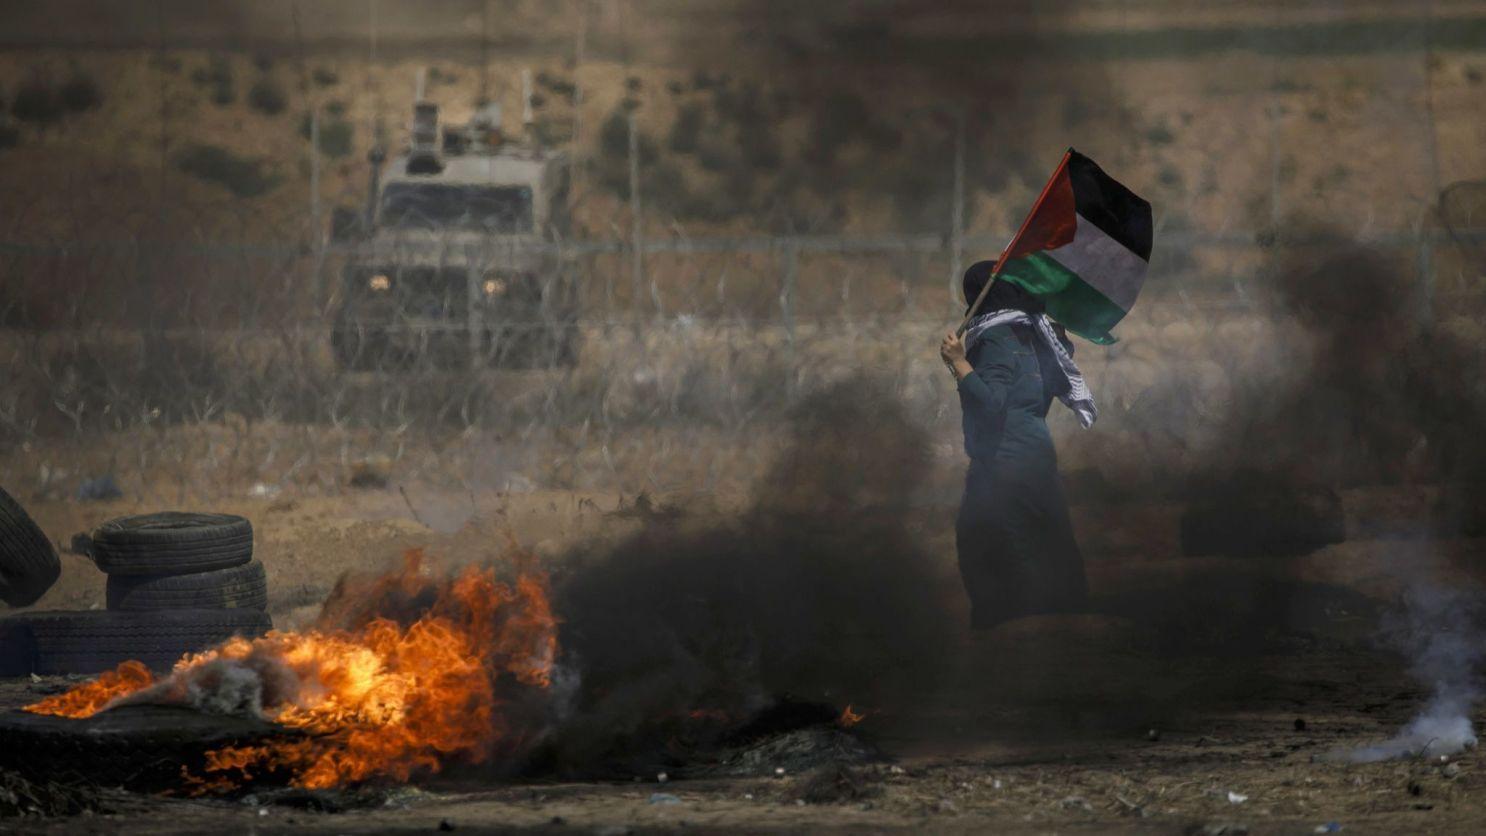 Anniversaire de la Naksa: Le Secrétaire Général Salue la Fermeté du Peuple Palestinien et son Attachement à ses Droits